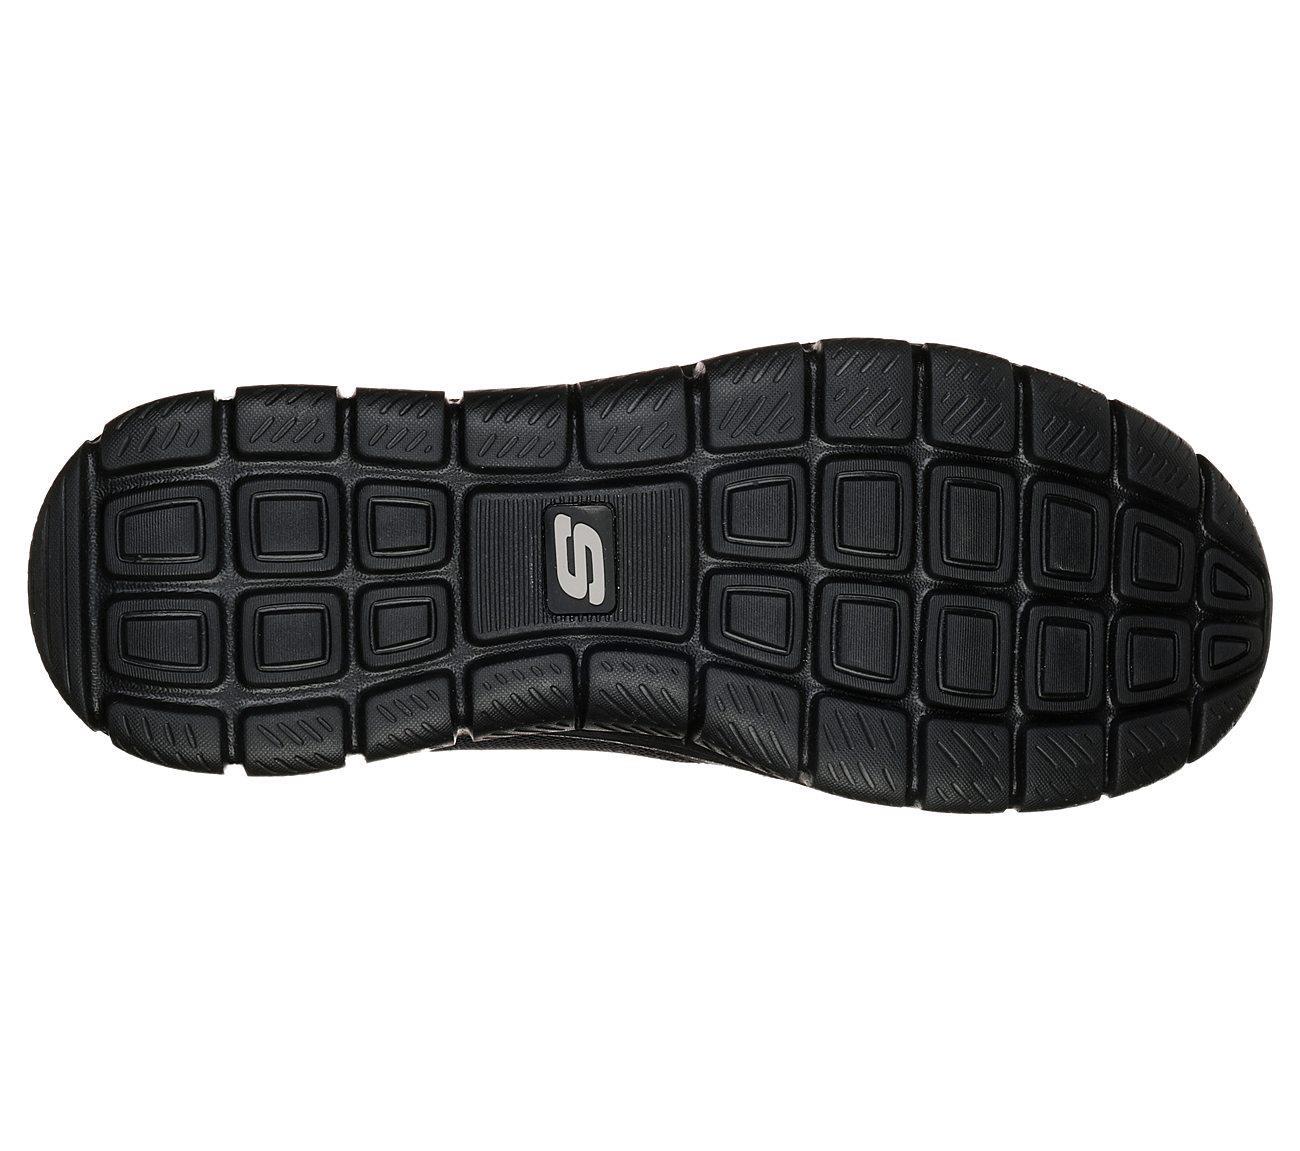 Skechers Track- Sclorıc Siyah Erkek Ayakkabısı